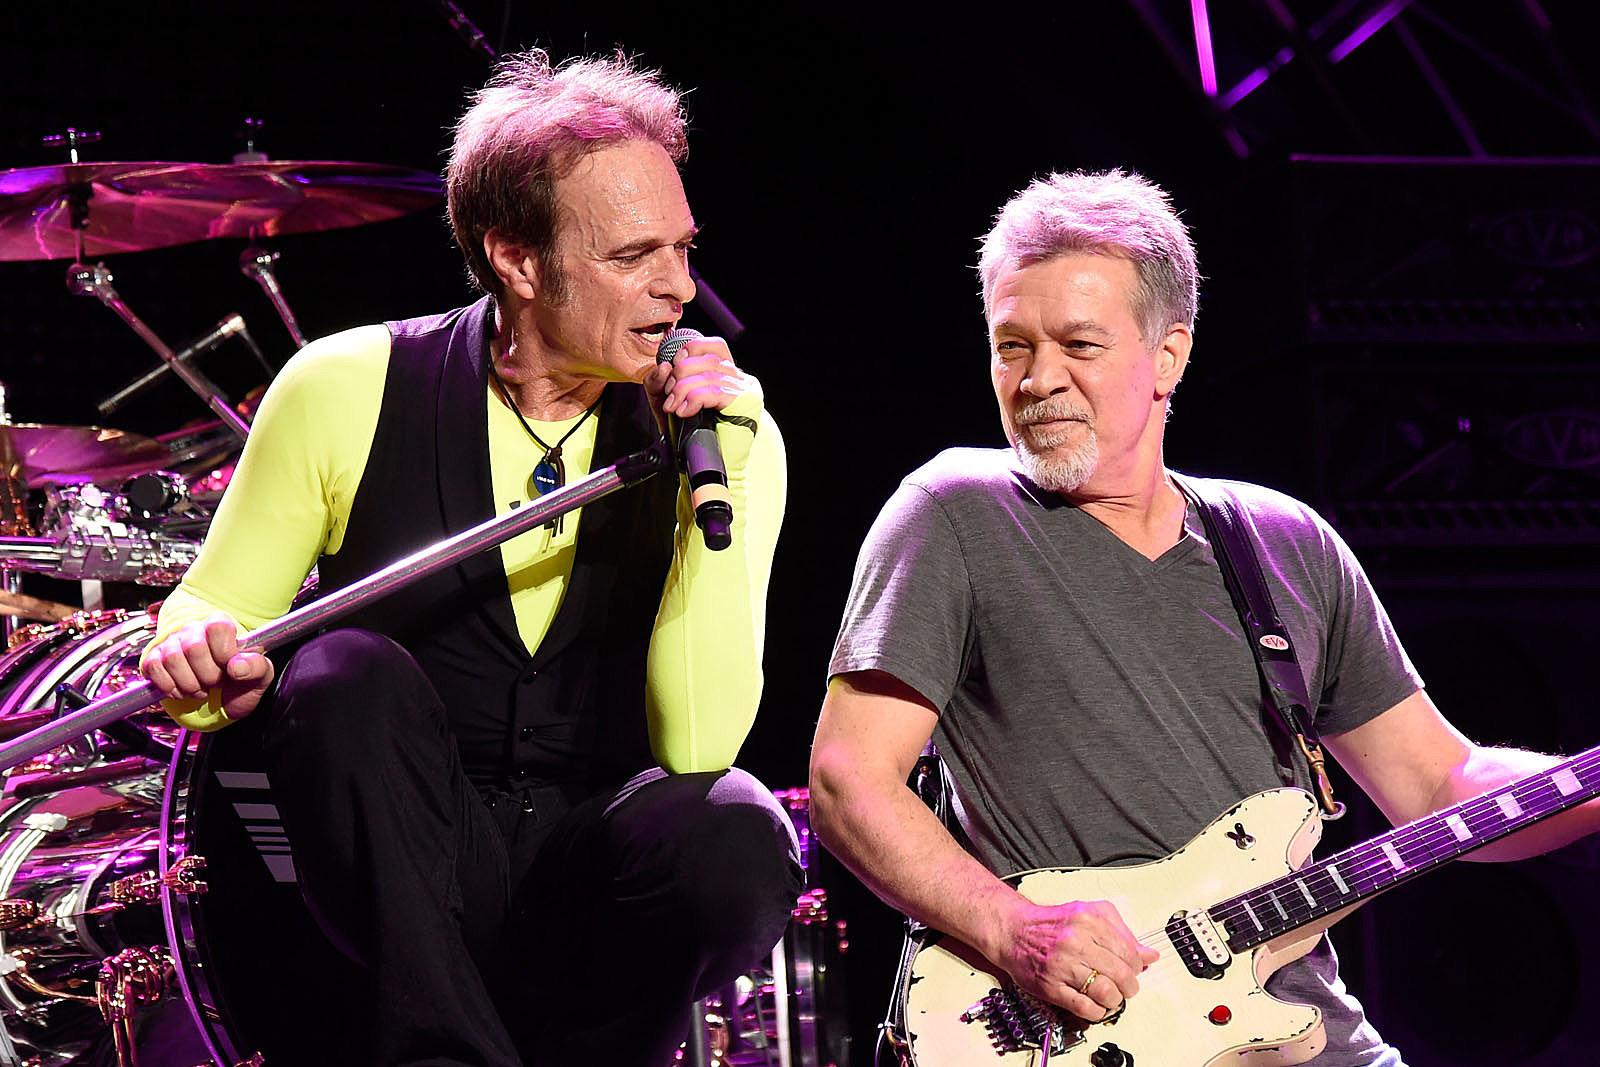 Revisiting Eddie Van Halen's Last Van Halen Concert